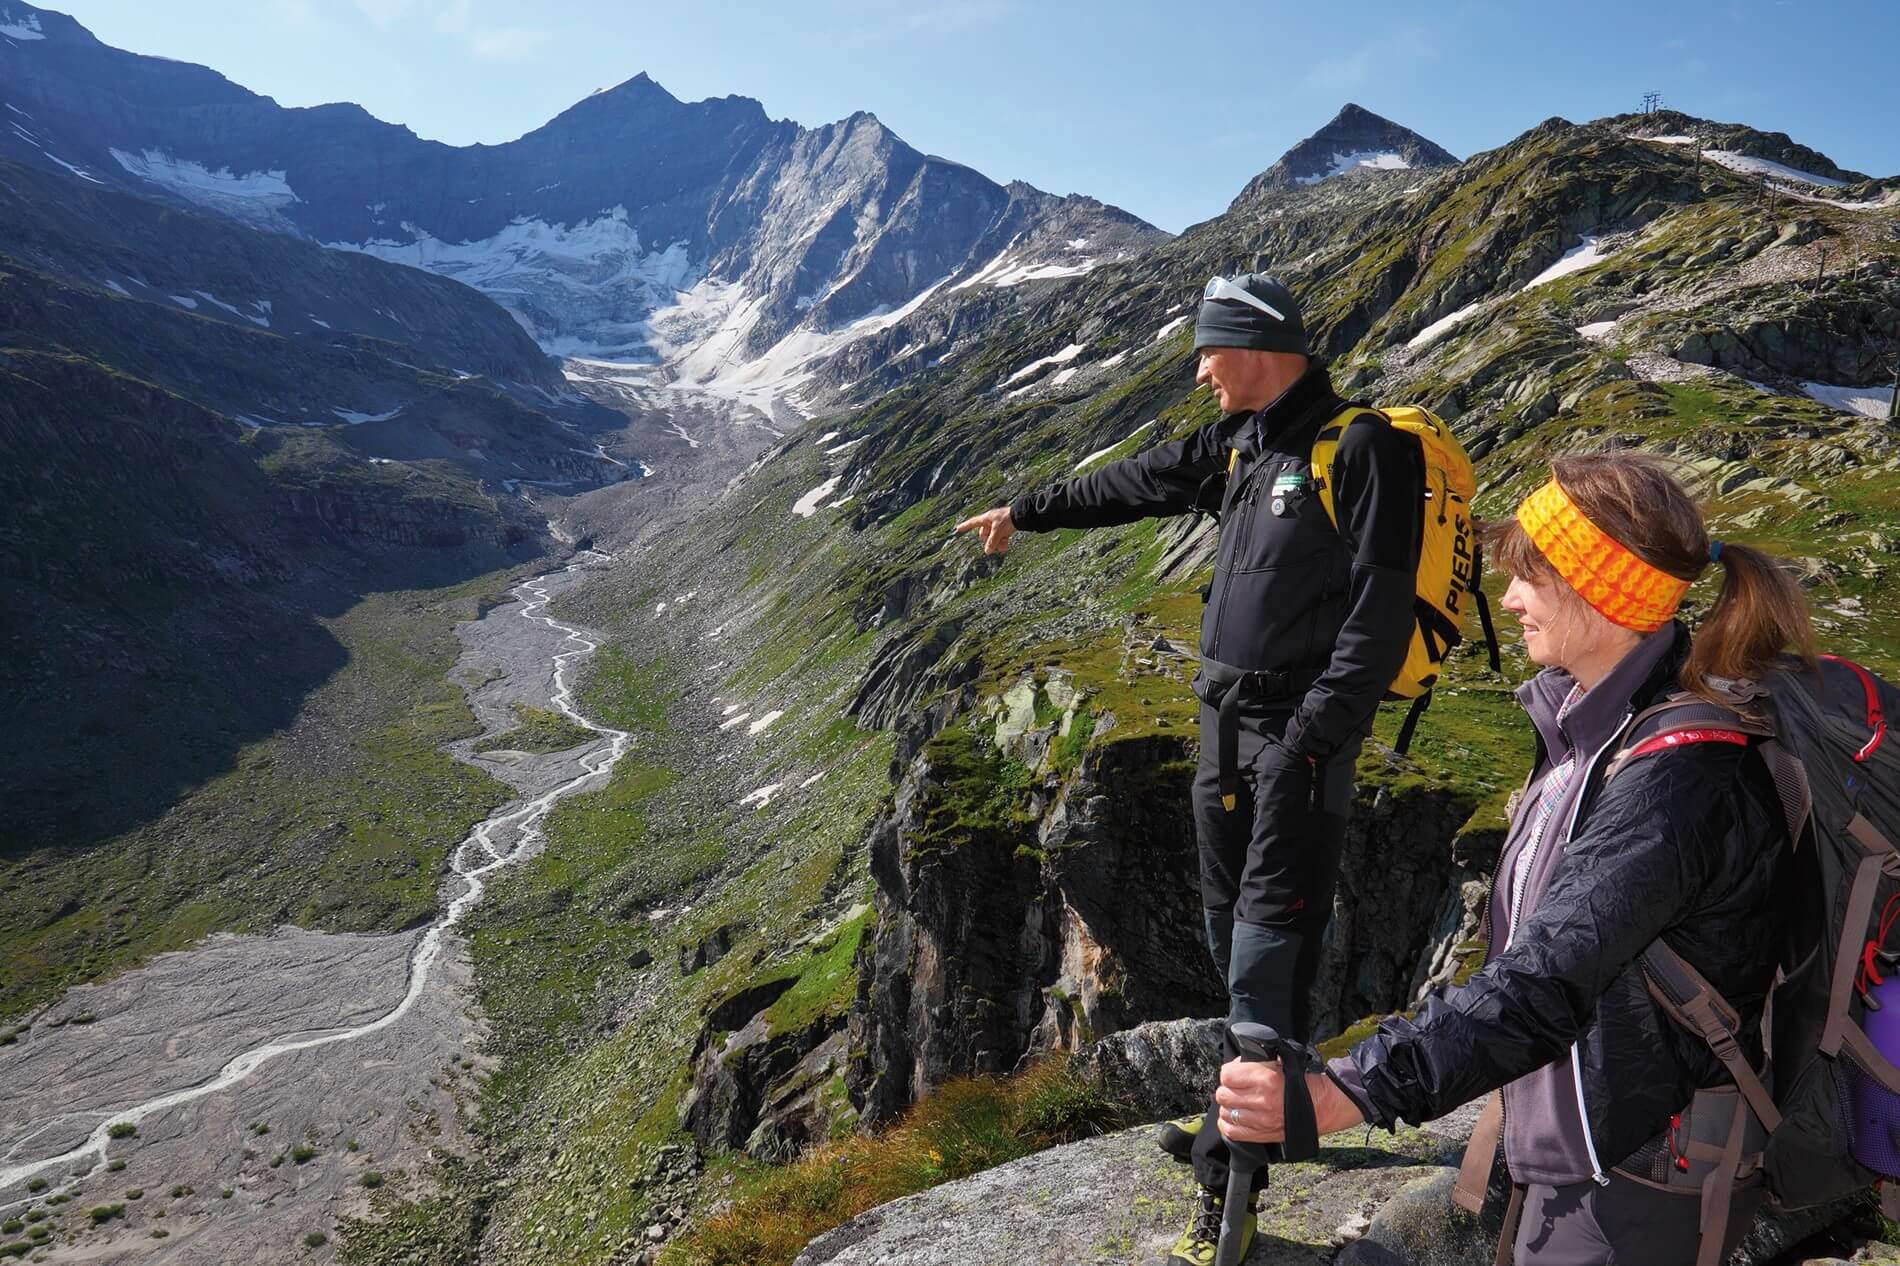 Hüttenwanderung Großglockner-Runde, Österreich